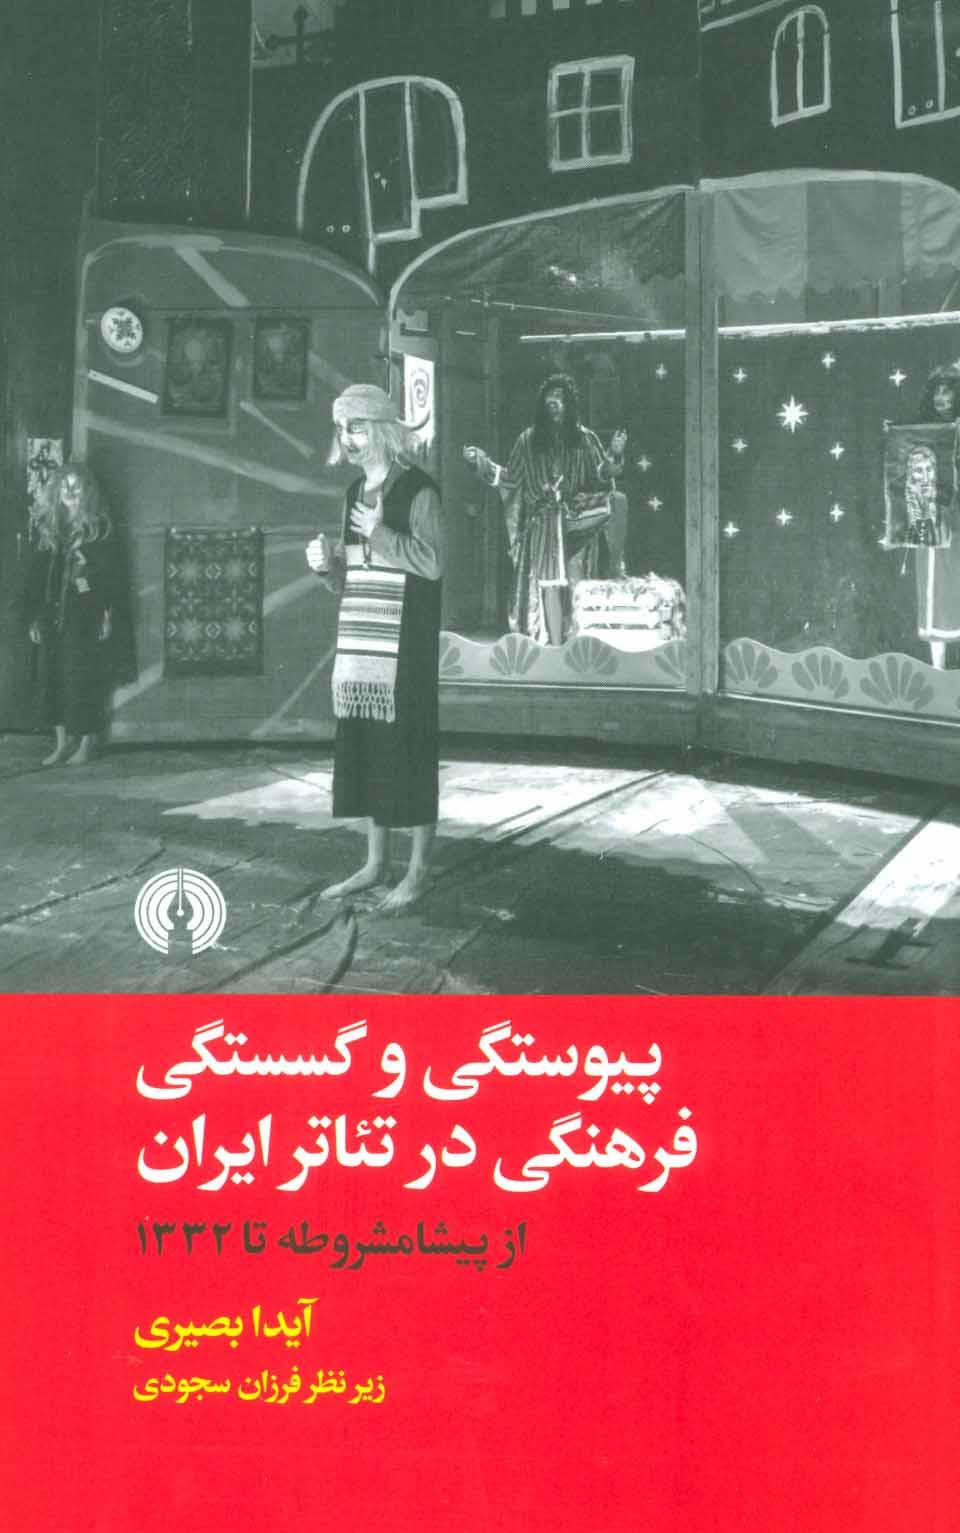 پیوستگی و گسستگی فرهنگی در تئاتر ایران (از پیشامشروطه تا 1332)